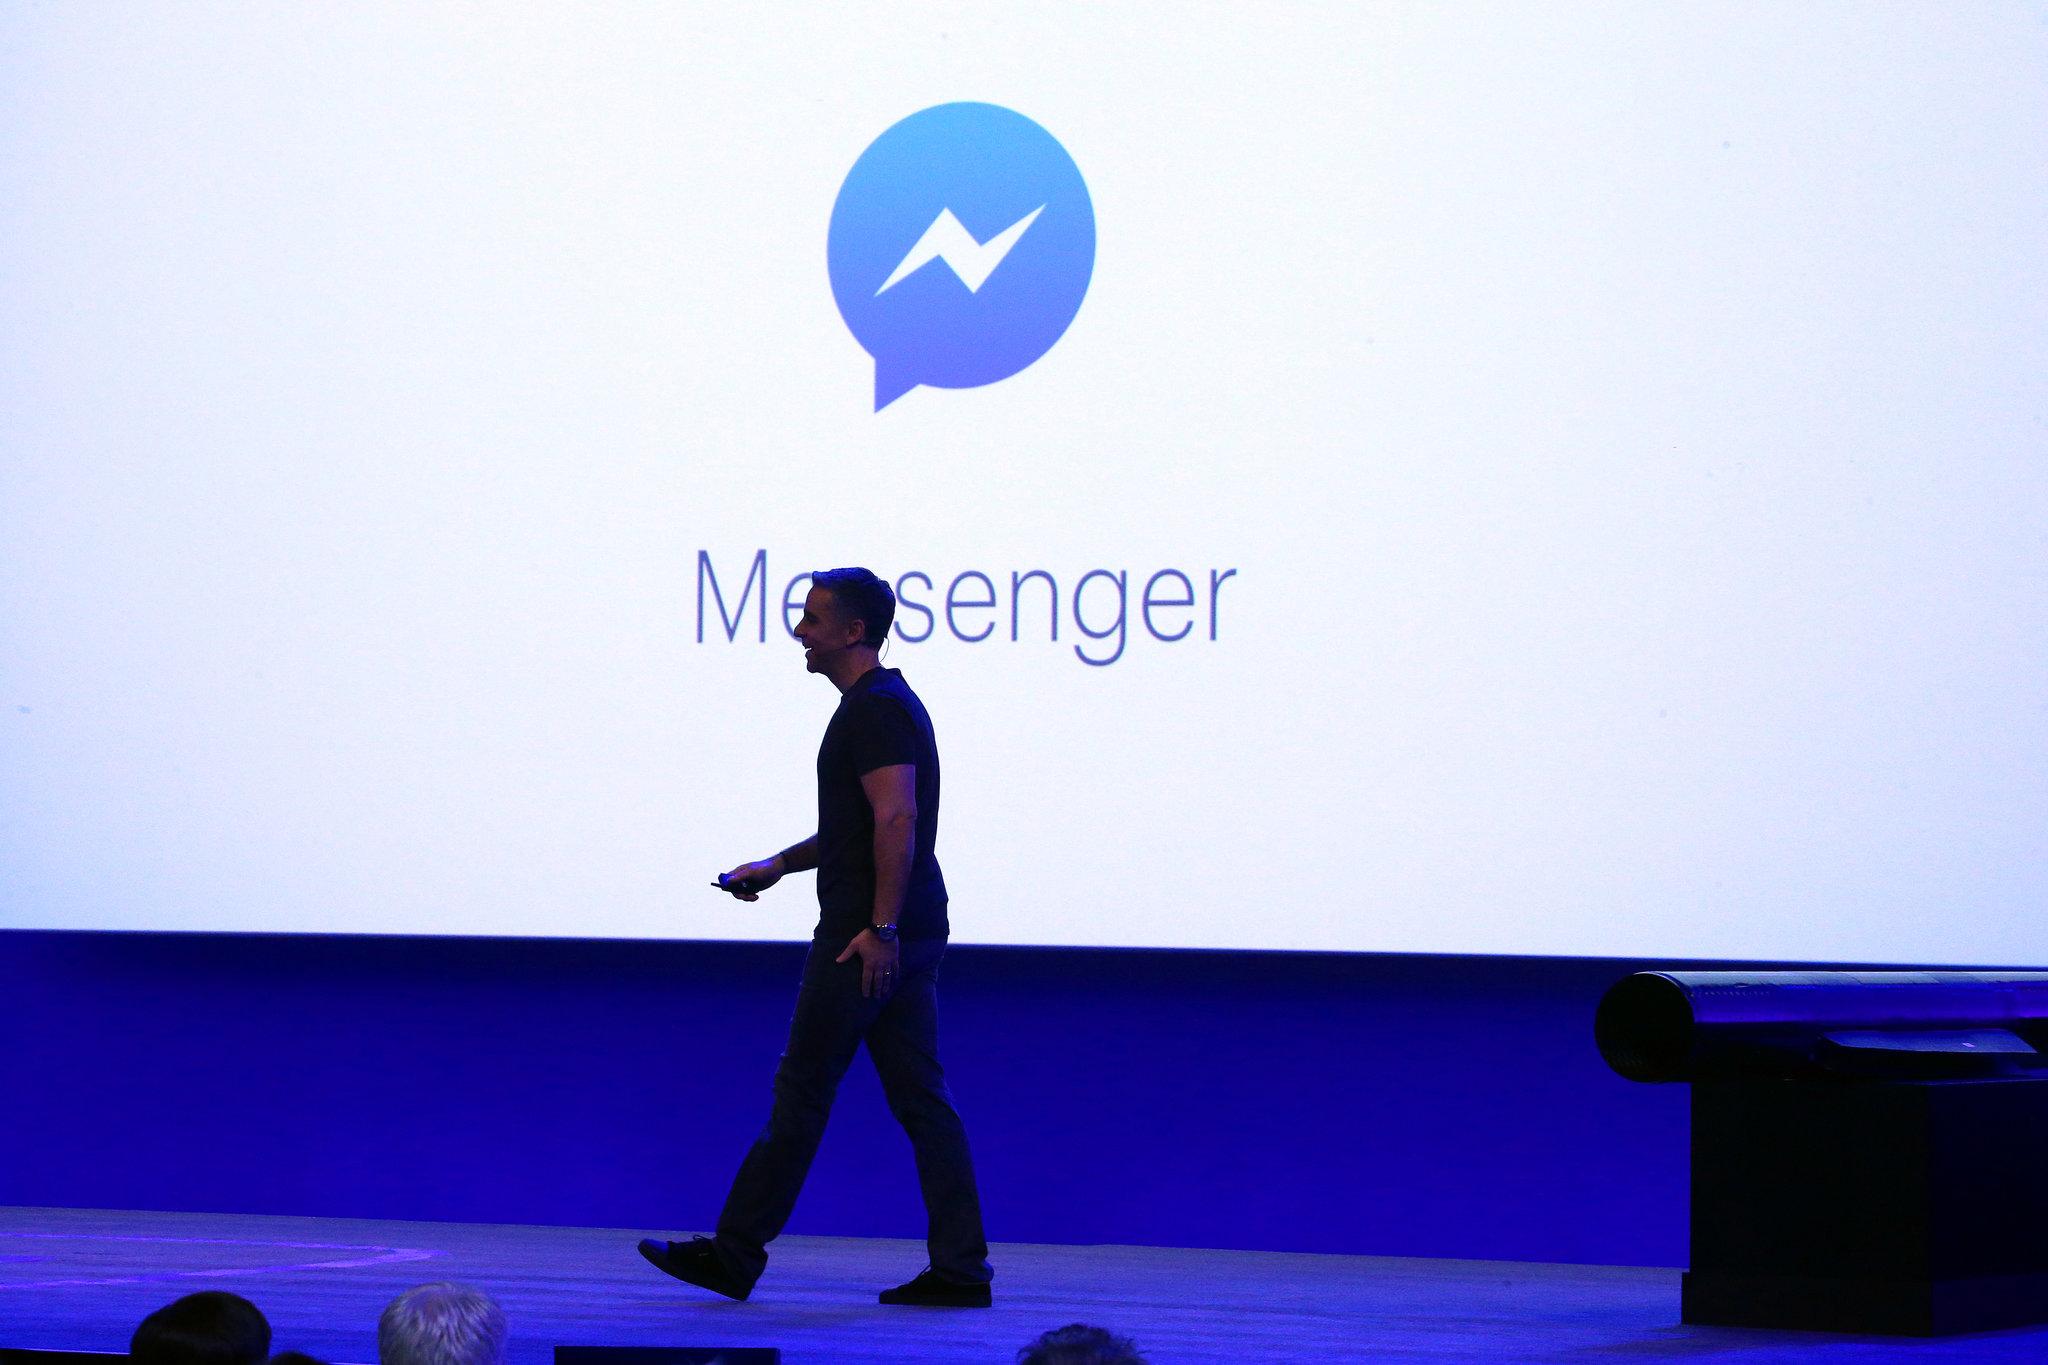 """Σςςςς. Οι """"Μυστικές Συνομιλίες"""" έρχονται στο Messenger"""